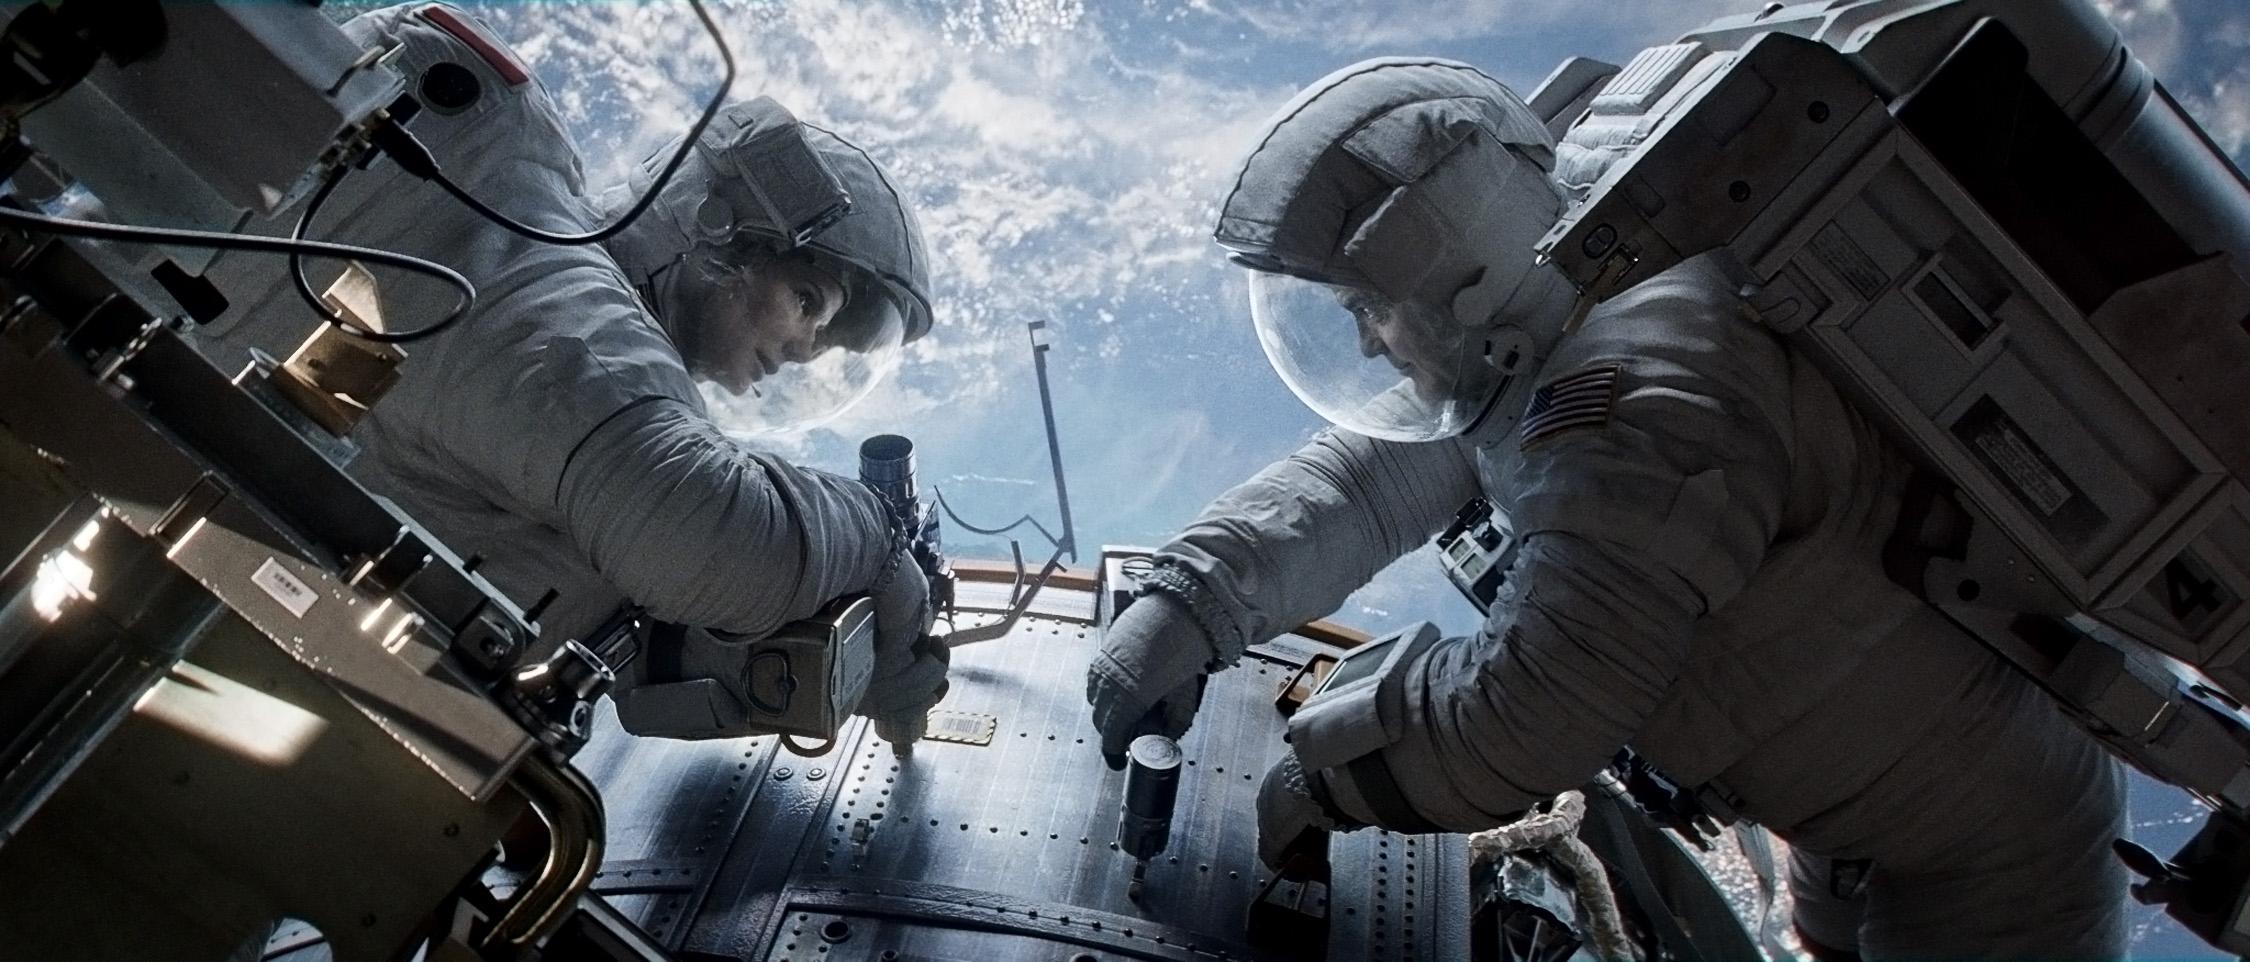 Sandra Bullock y George Clooney orbitando en el espacio